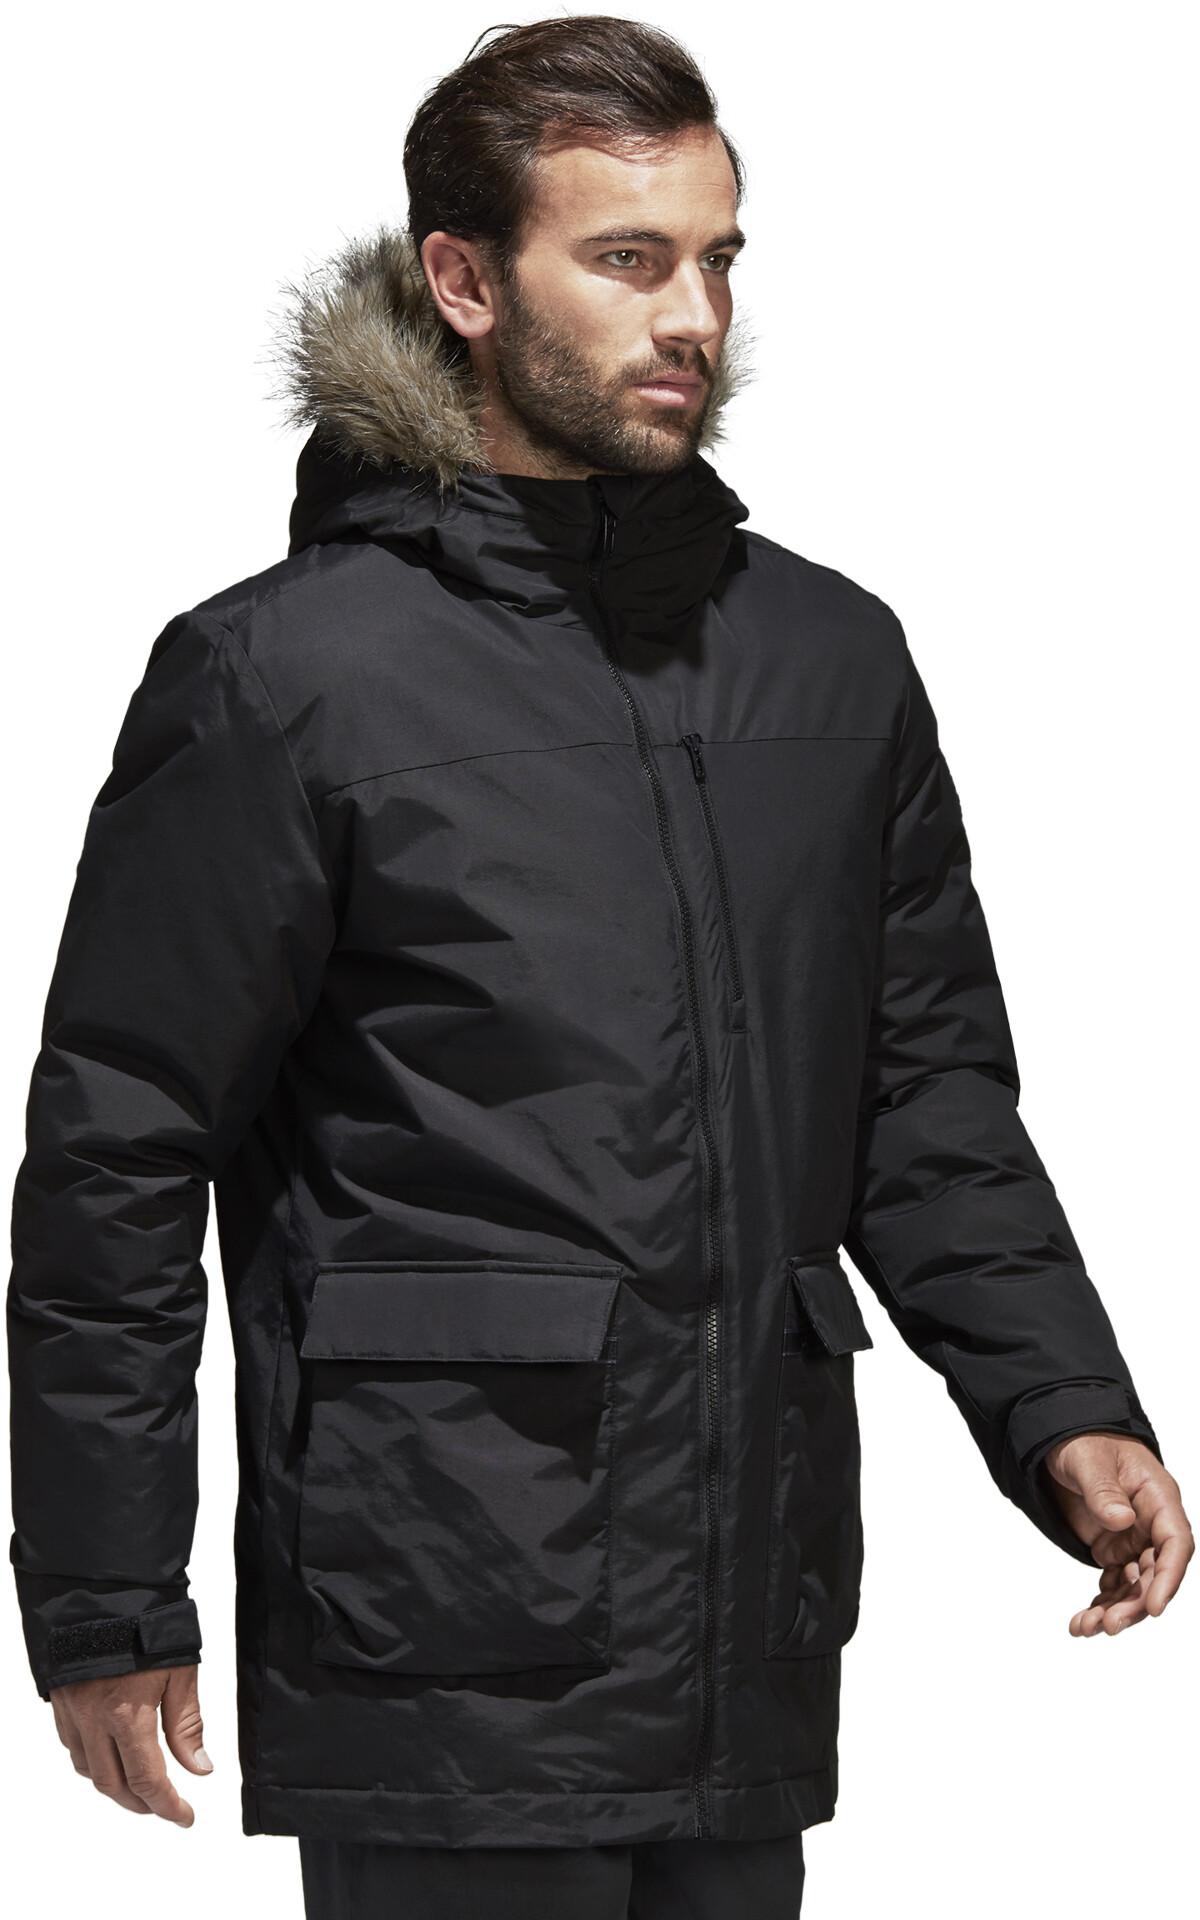 Adidas Men's Xploric Parka Black Jacket | GJSportLand